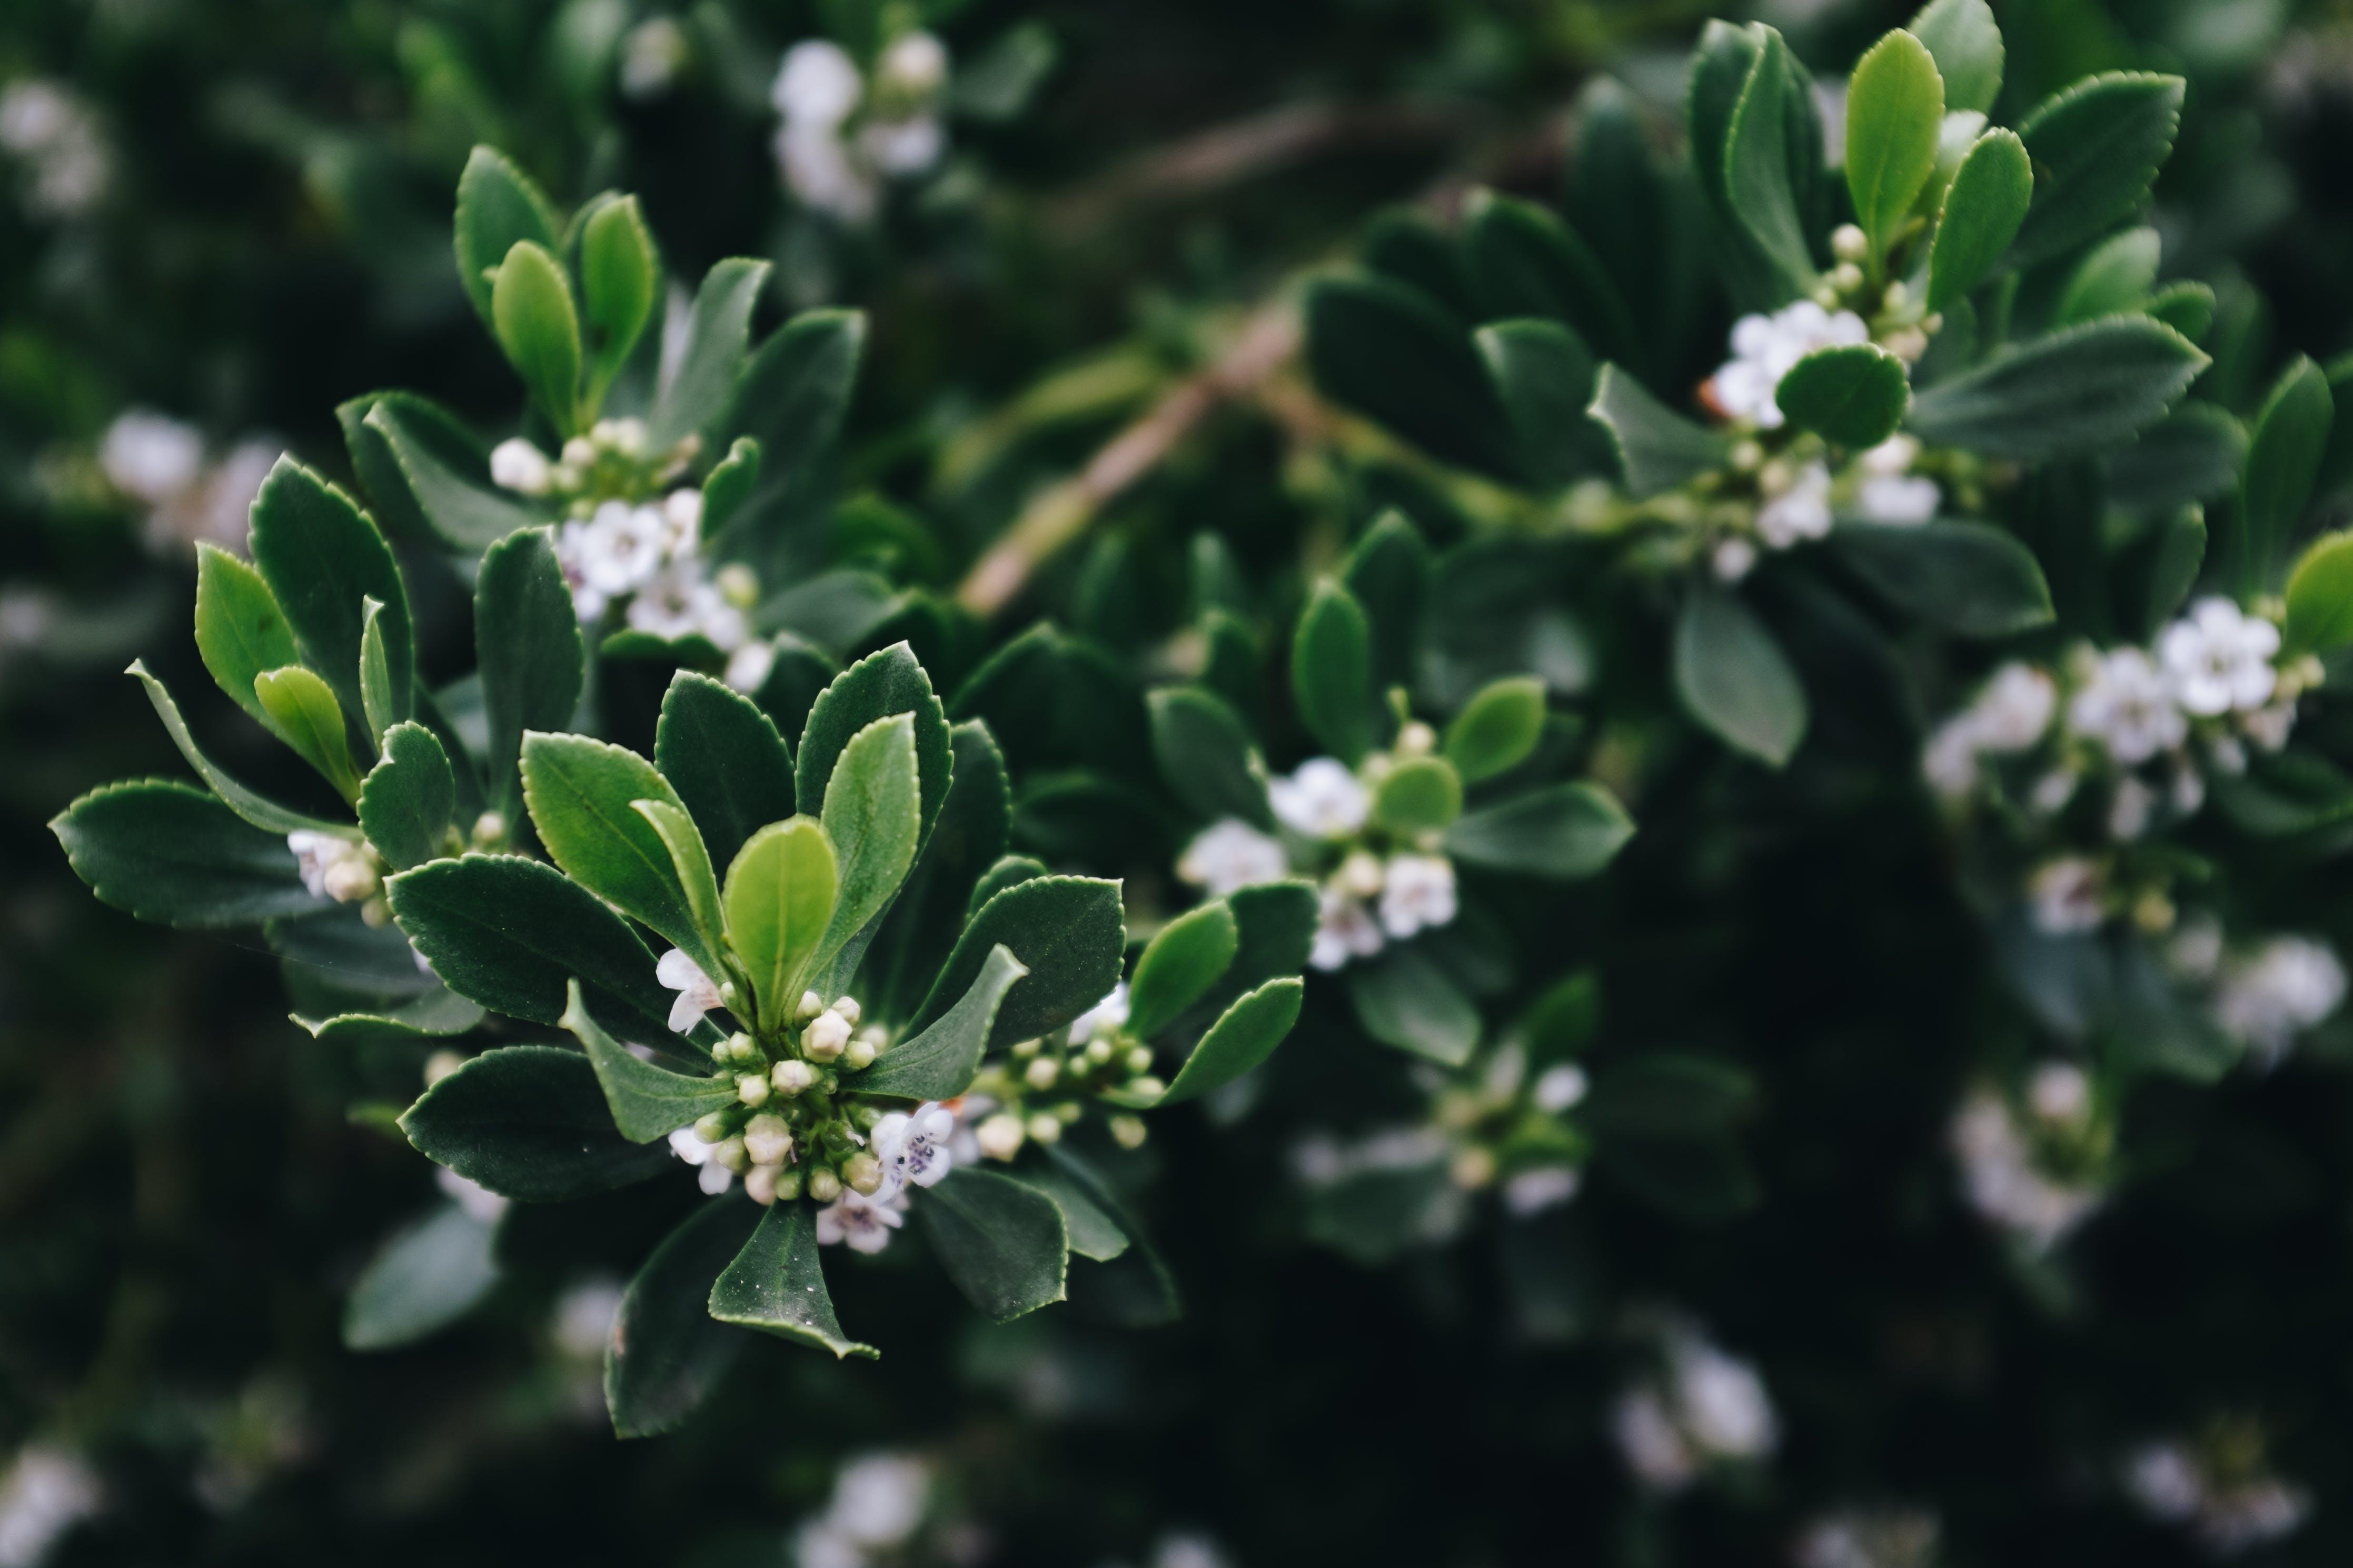 White Cluster Flower Plant